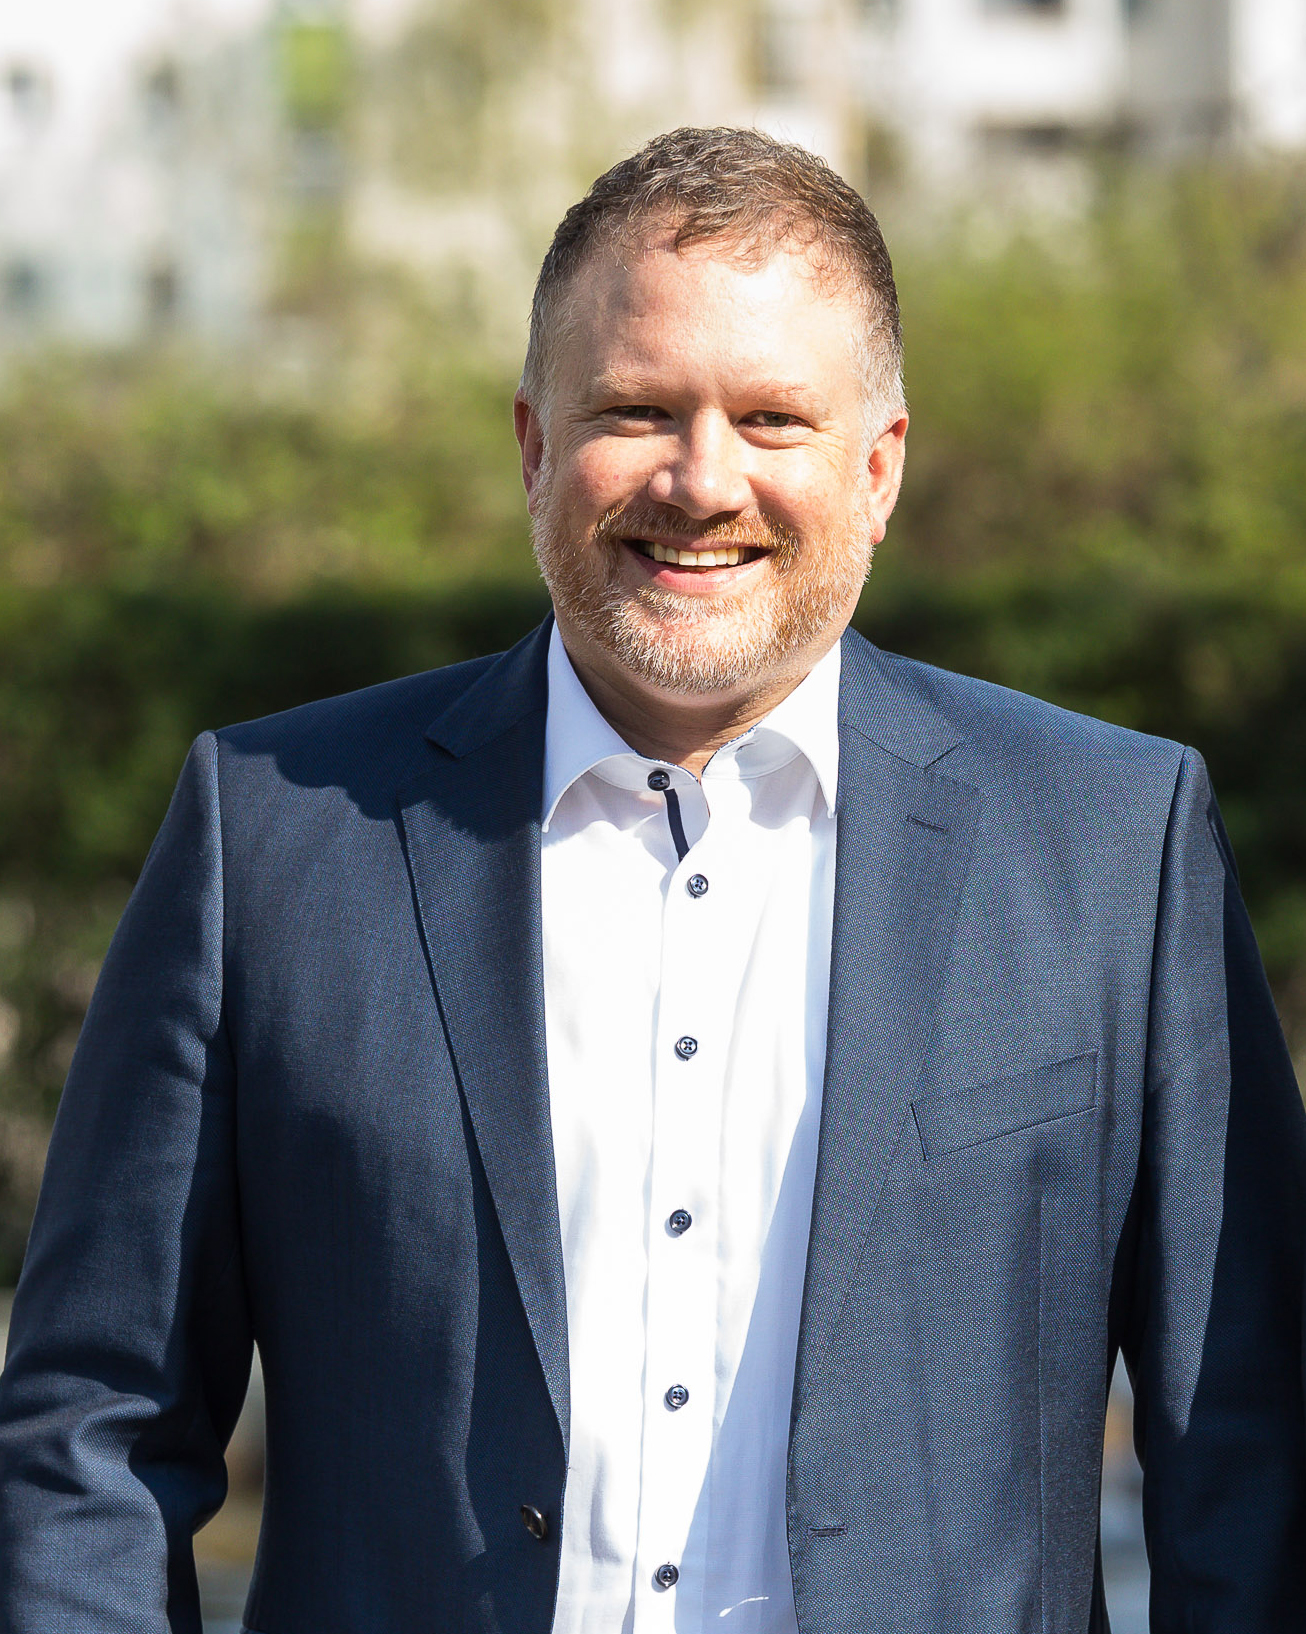 Markus Bisping, Beurer Verkaufsleiter Fachhandel